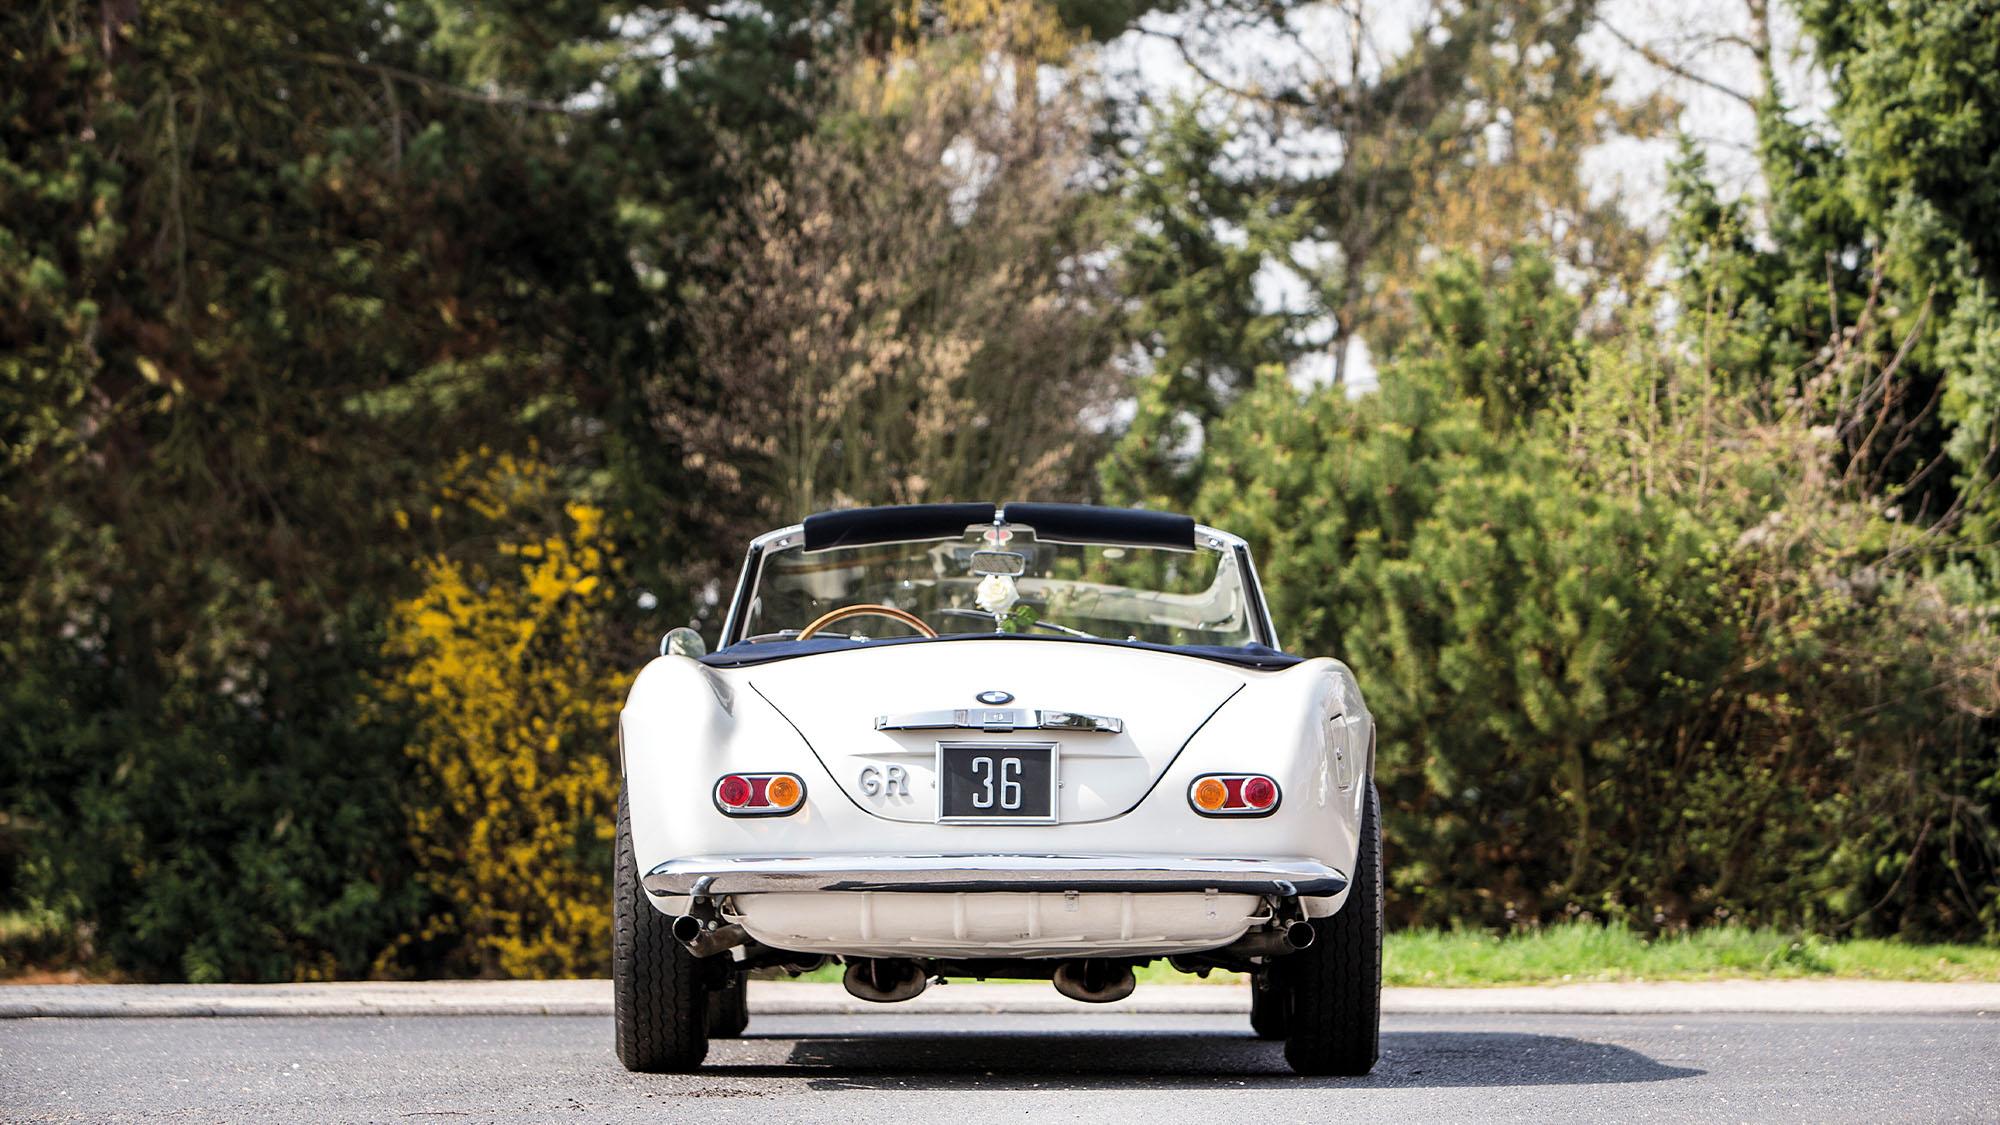 1959 BMW 507 Roadster rear